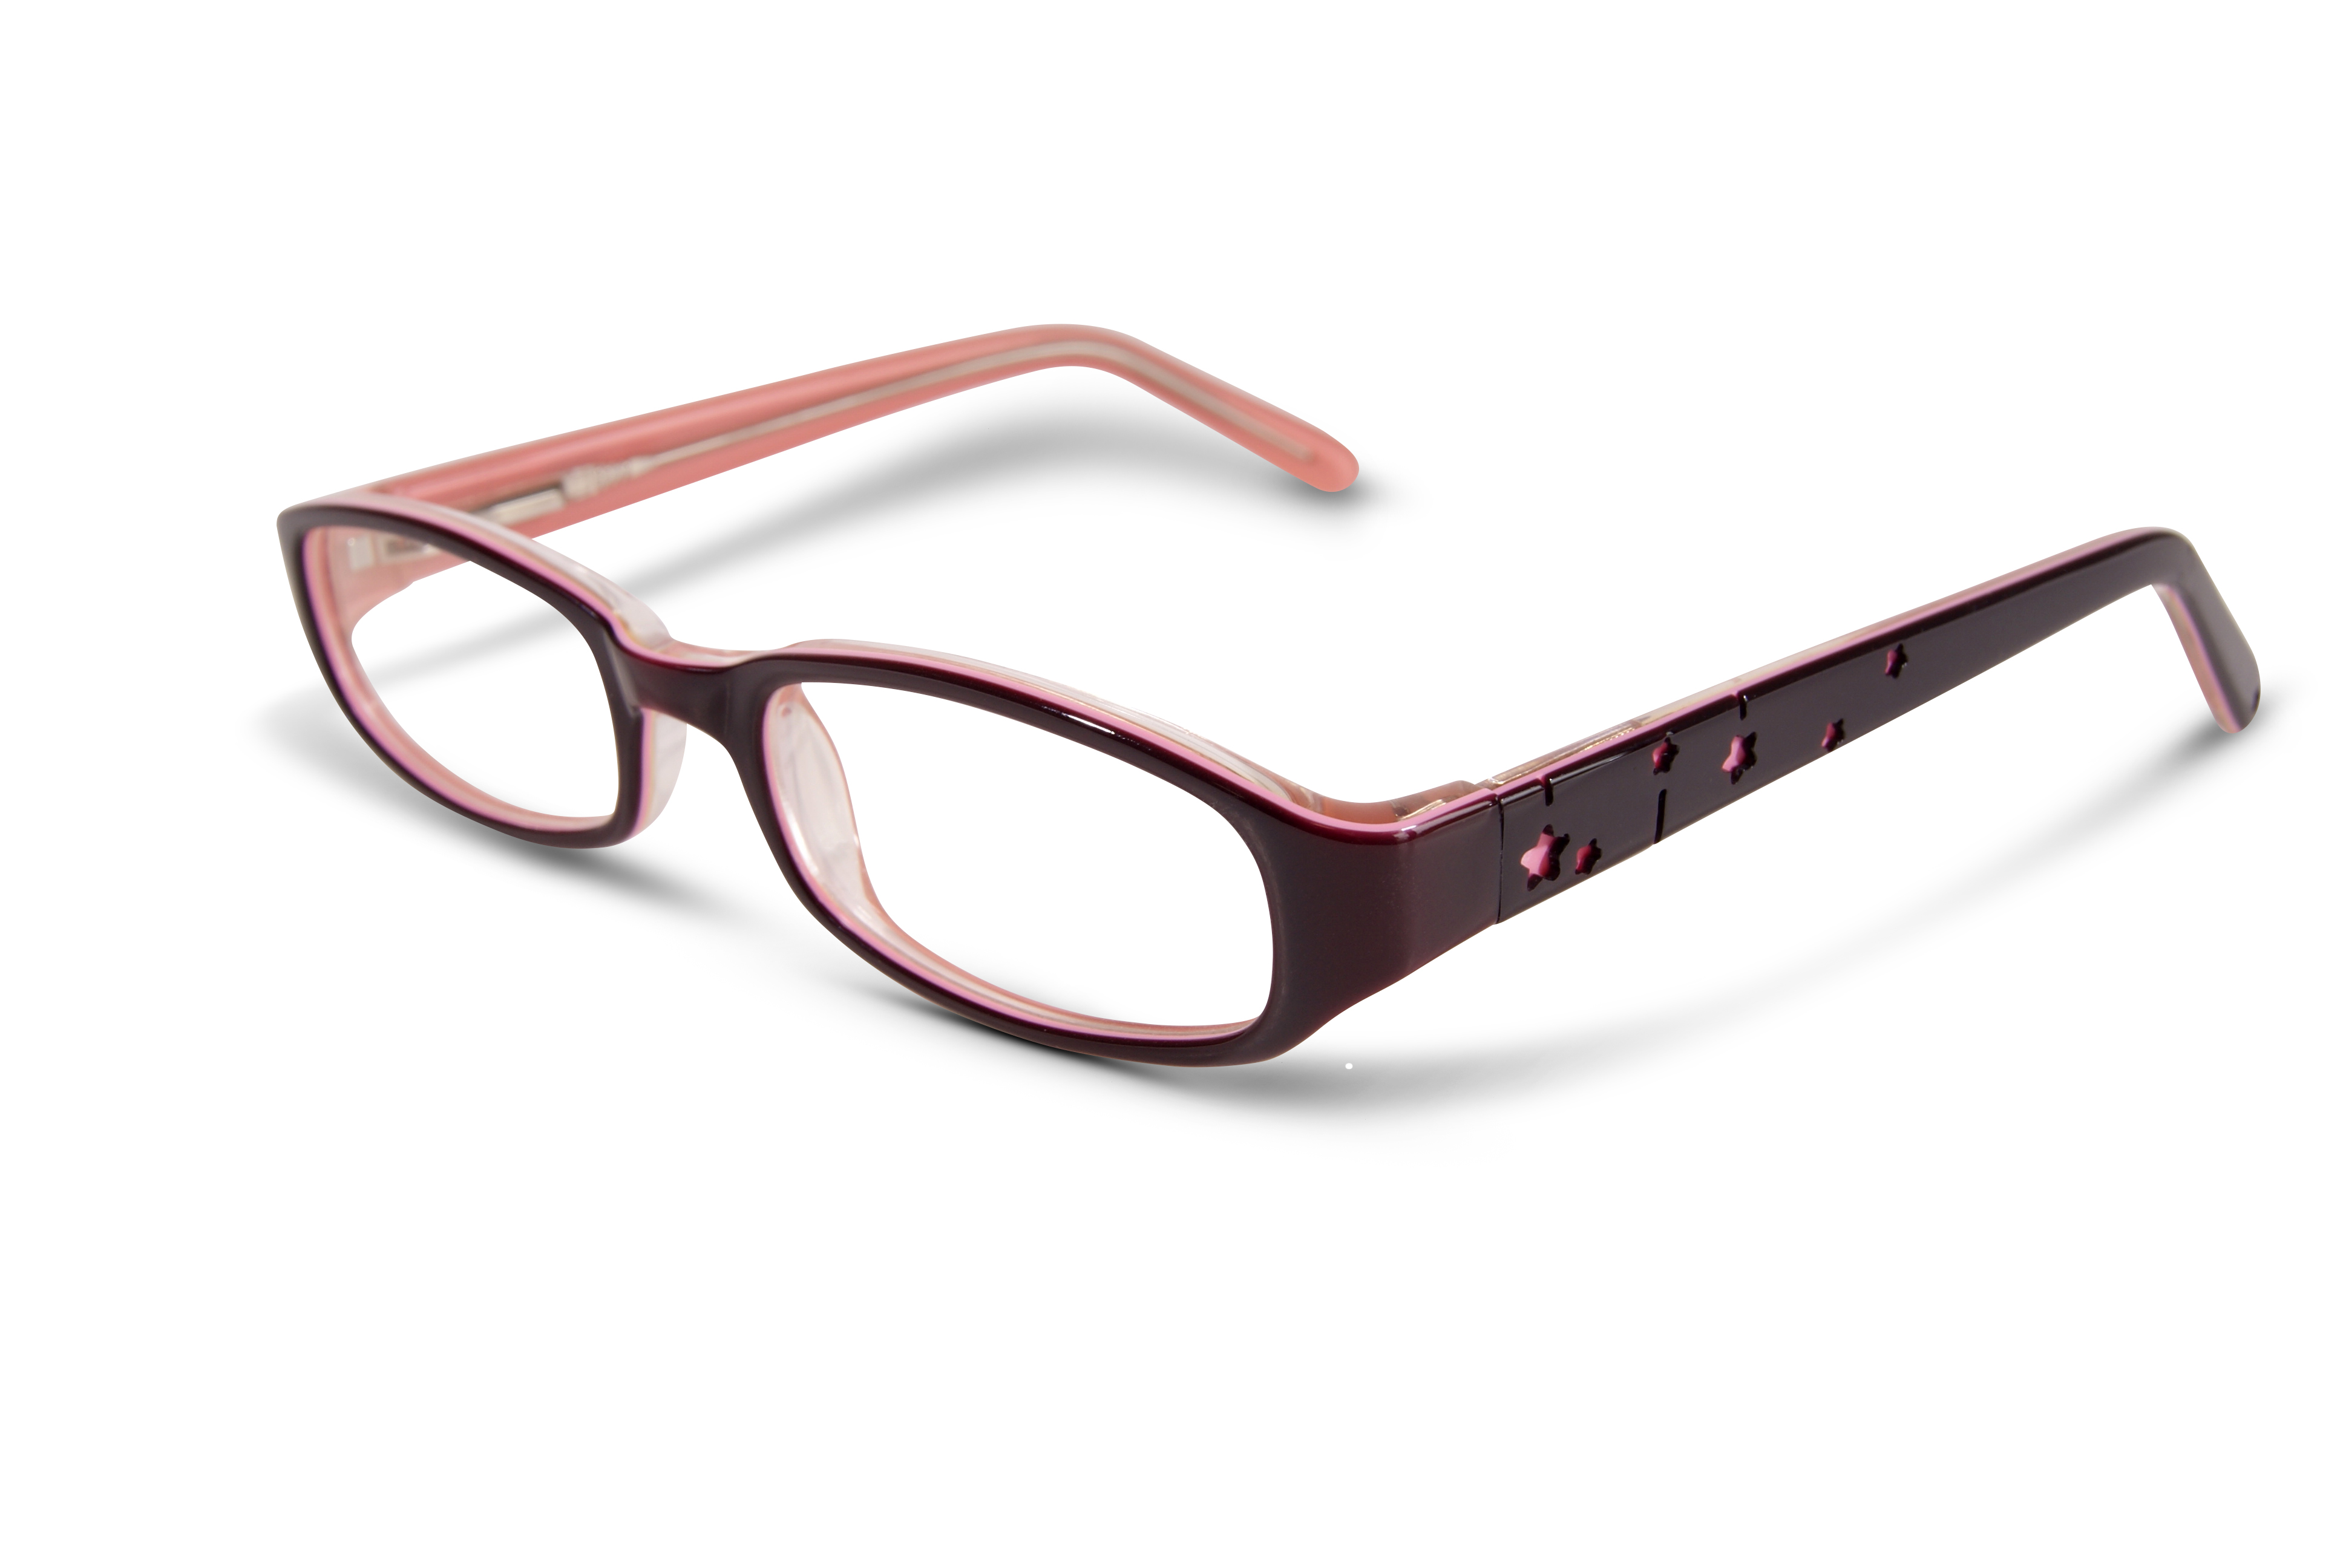 Ochelari cu stelute